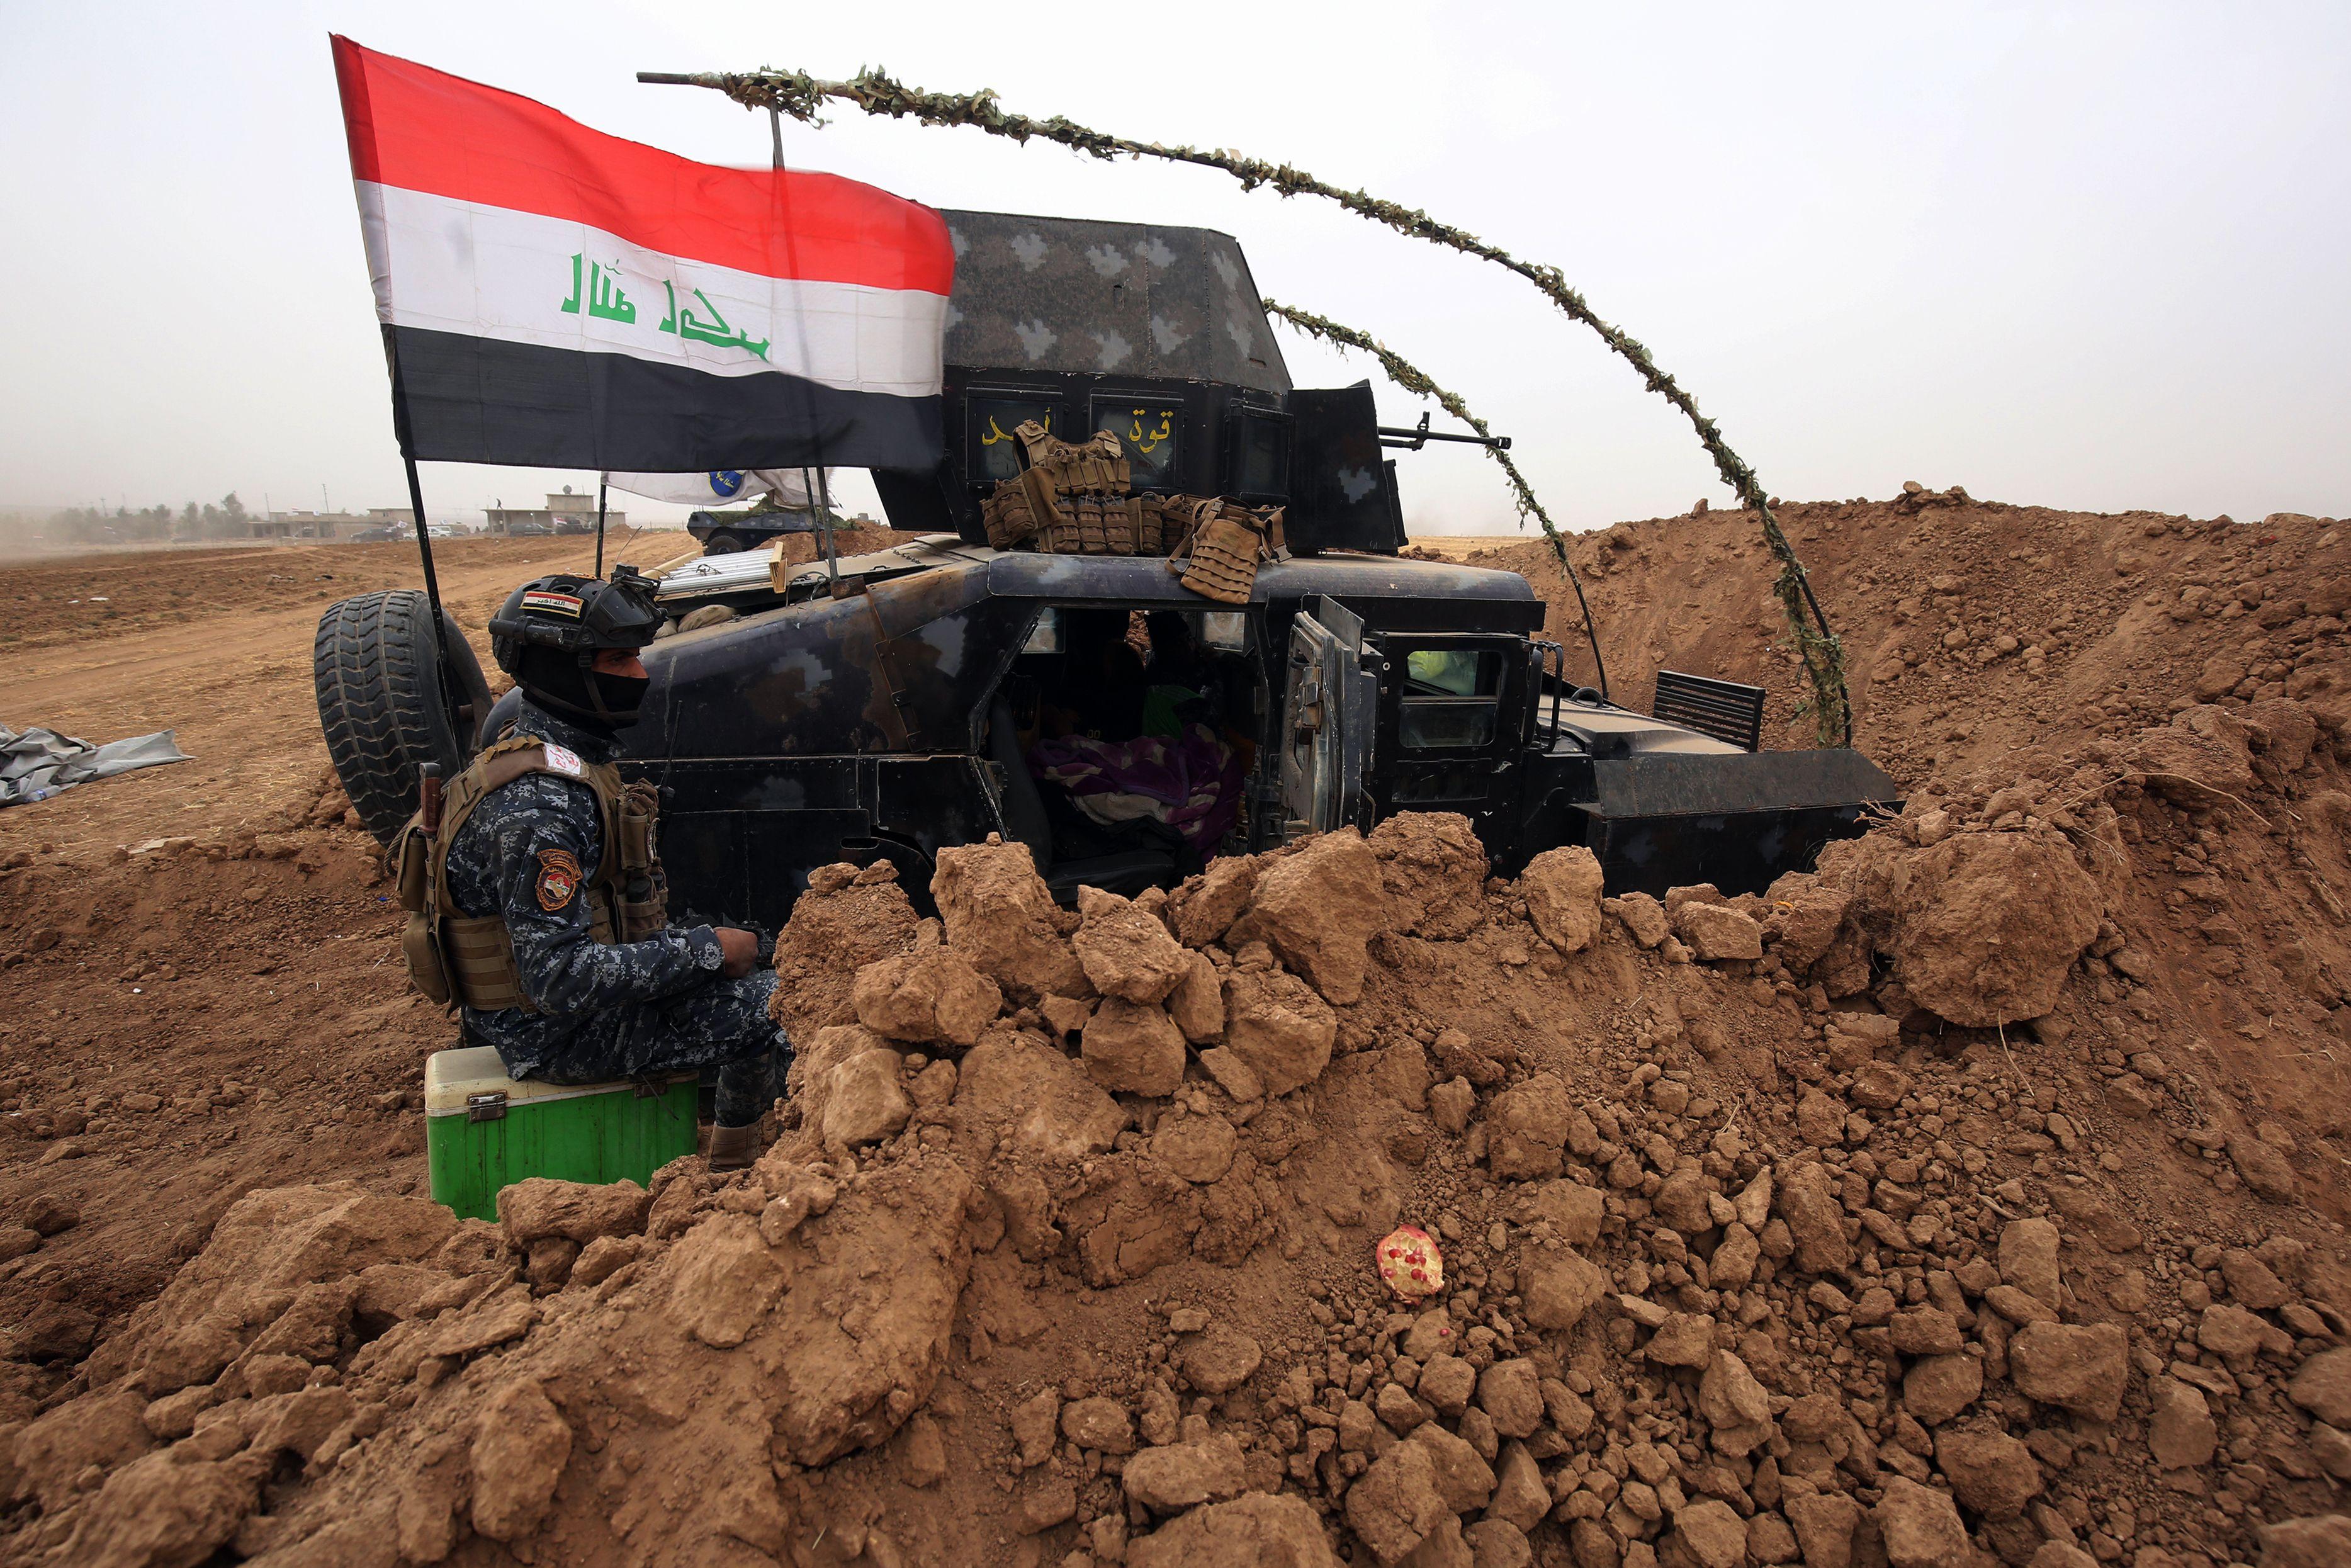 这是10月28日在伊拉克西北部的费什哈布尔拍摄的驻扎在营地的伊拉克军队。费什哈布尔地处伊拉克、土耳其和叙利亚交界地区,伊政府军与库尔德自治区(库区)武装近日曾在此交火。(新华/法新)